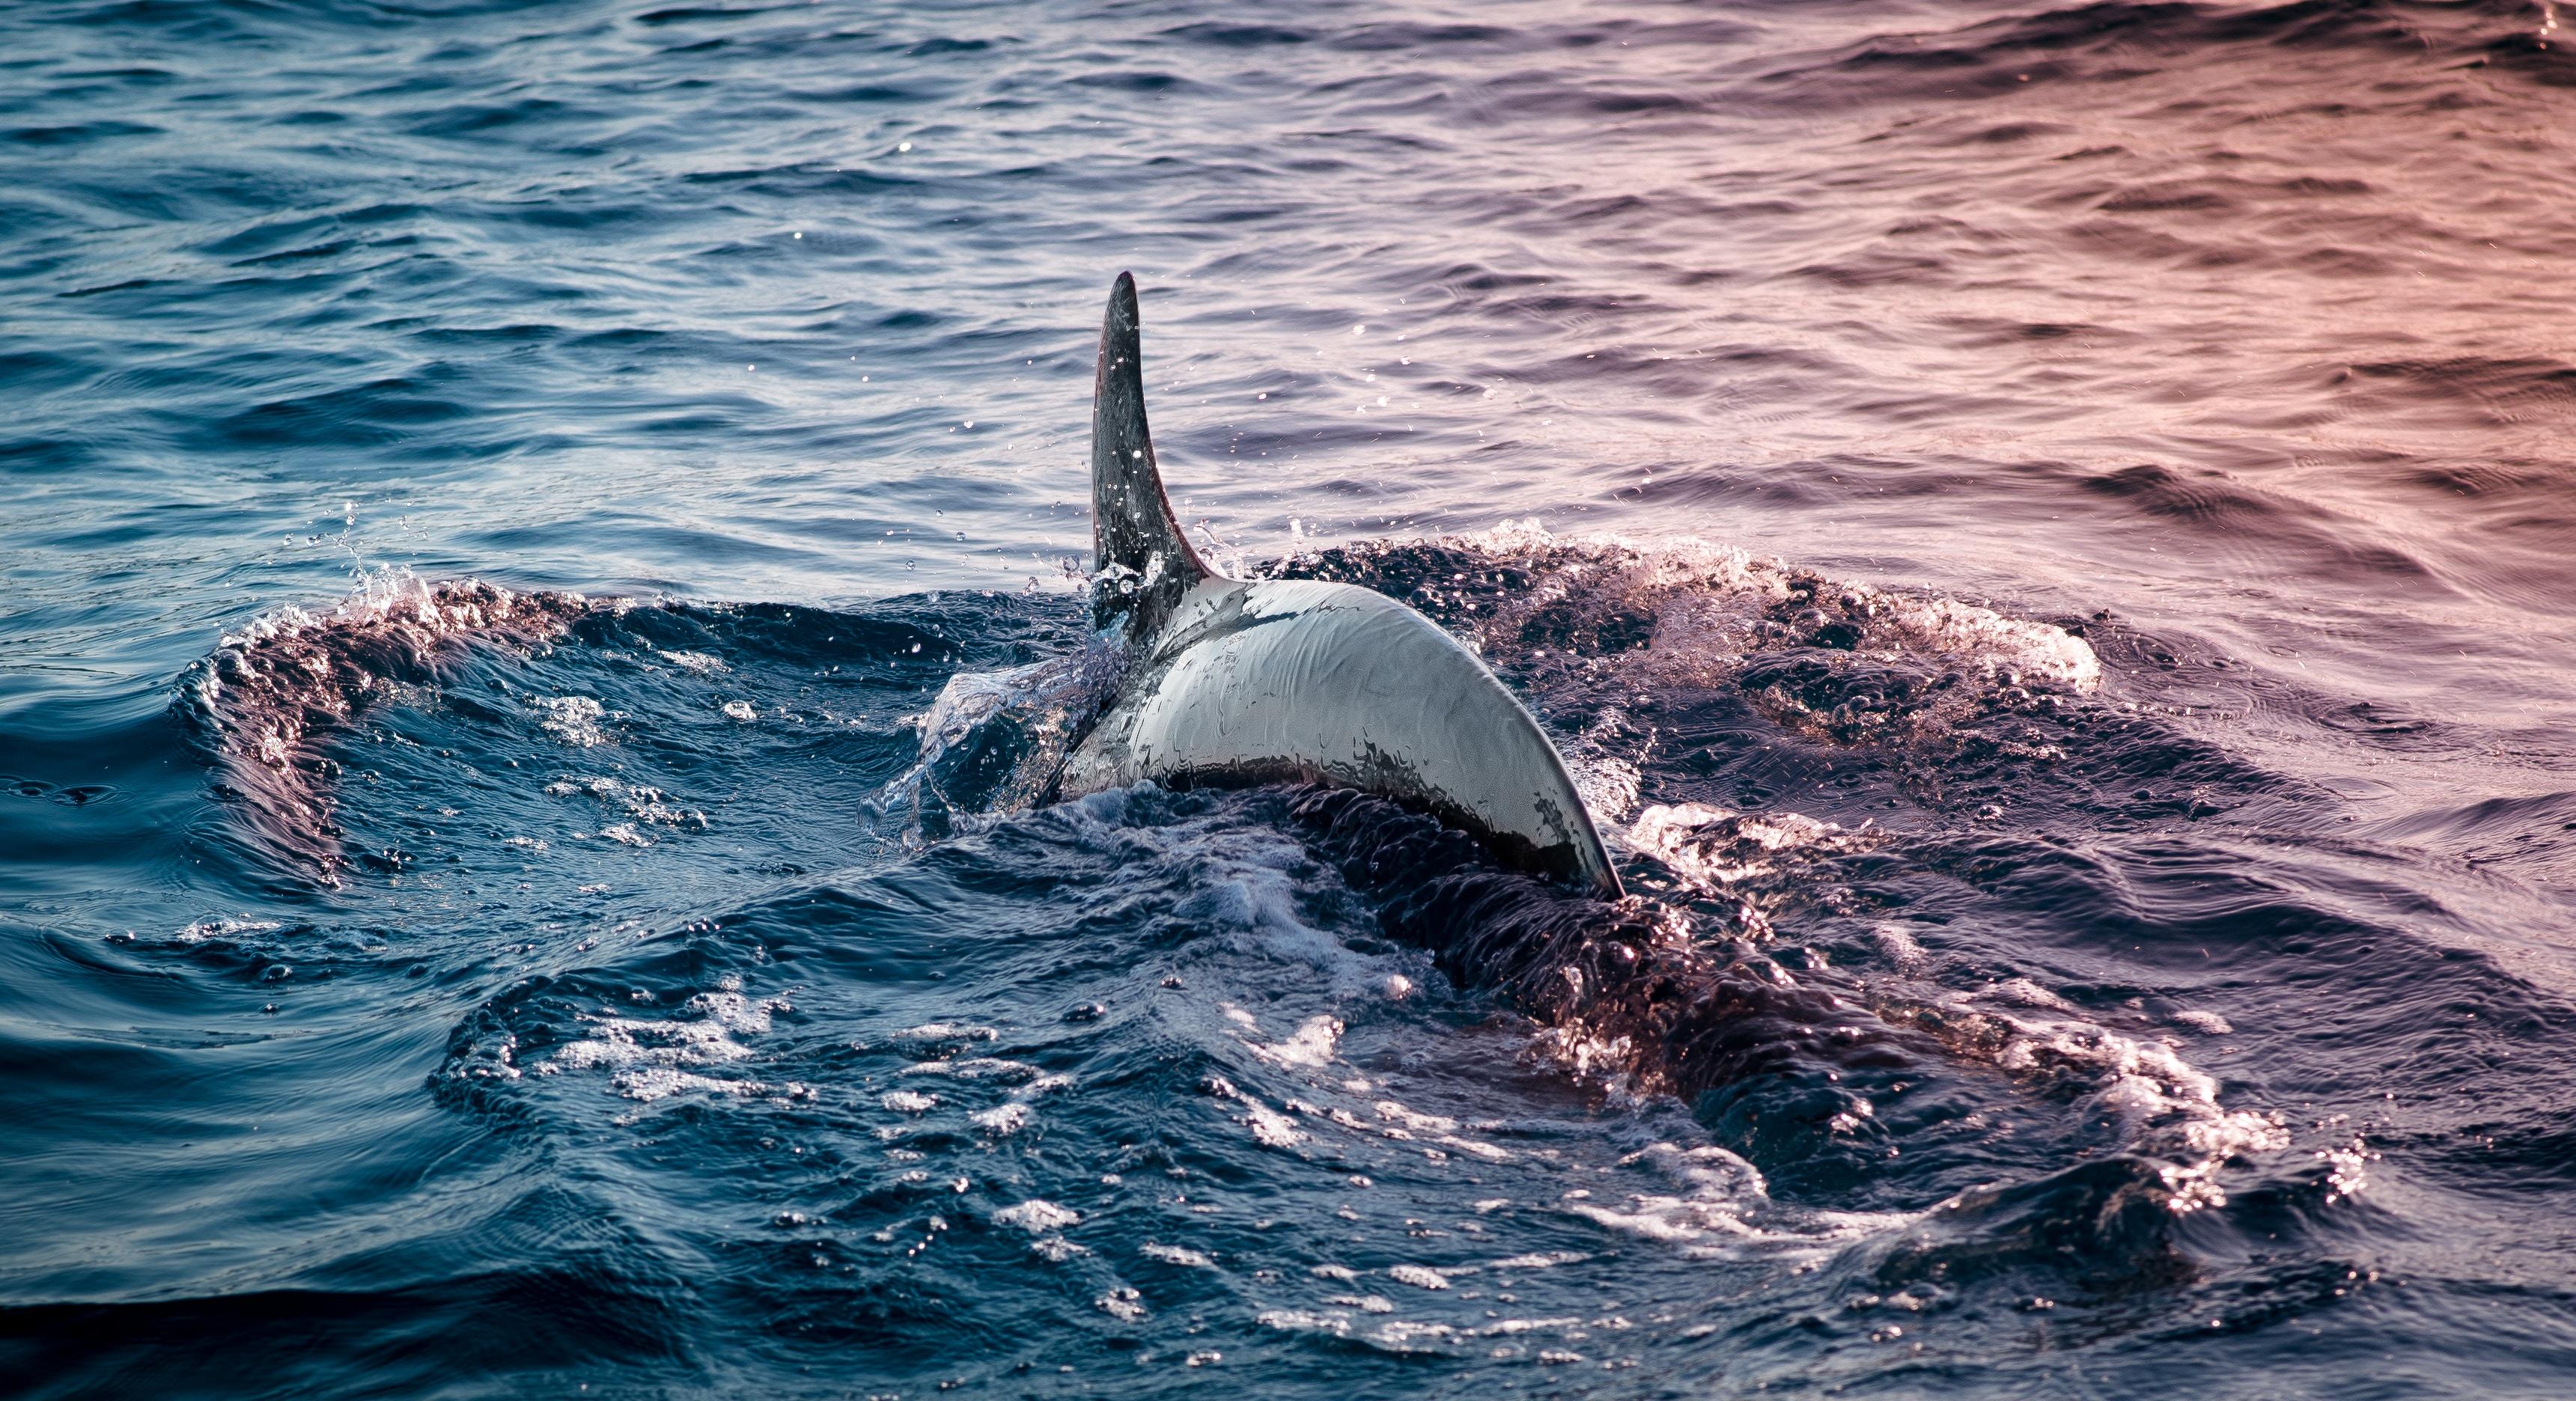 109485 скачать обои Животные, Дельфин, Плавник, Вода, Море, Волны - заставки и картинки бесплатно